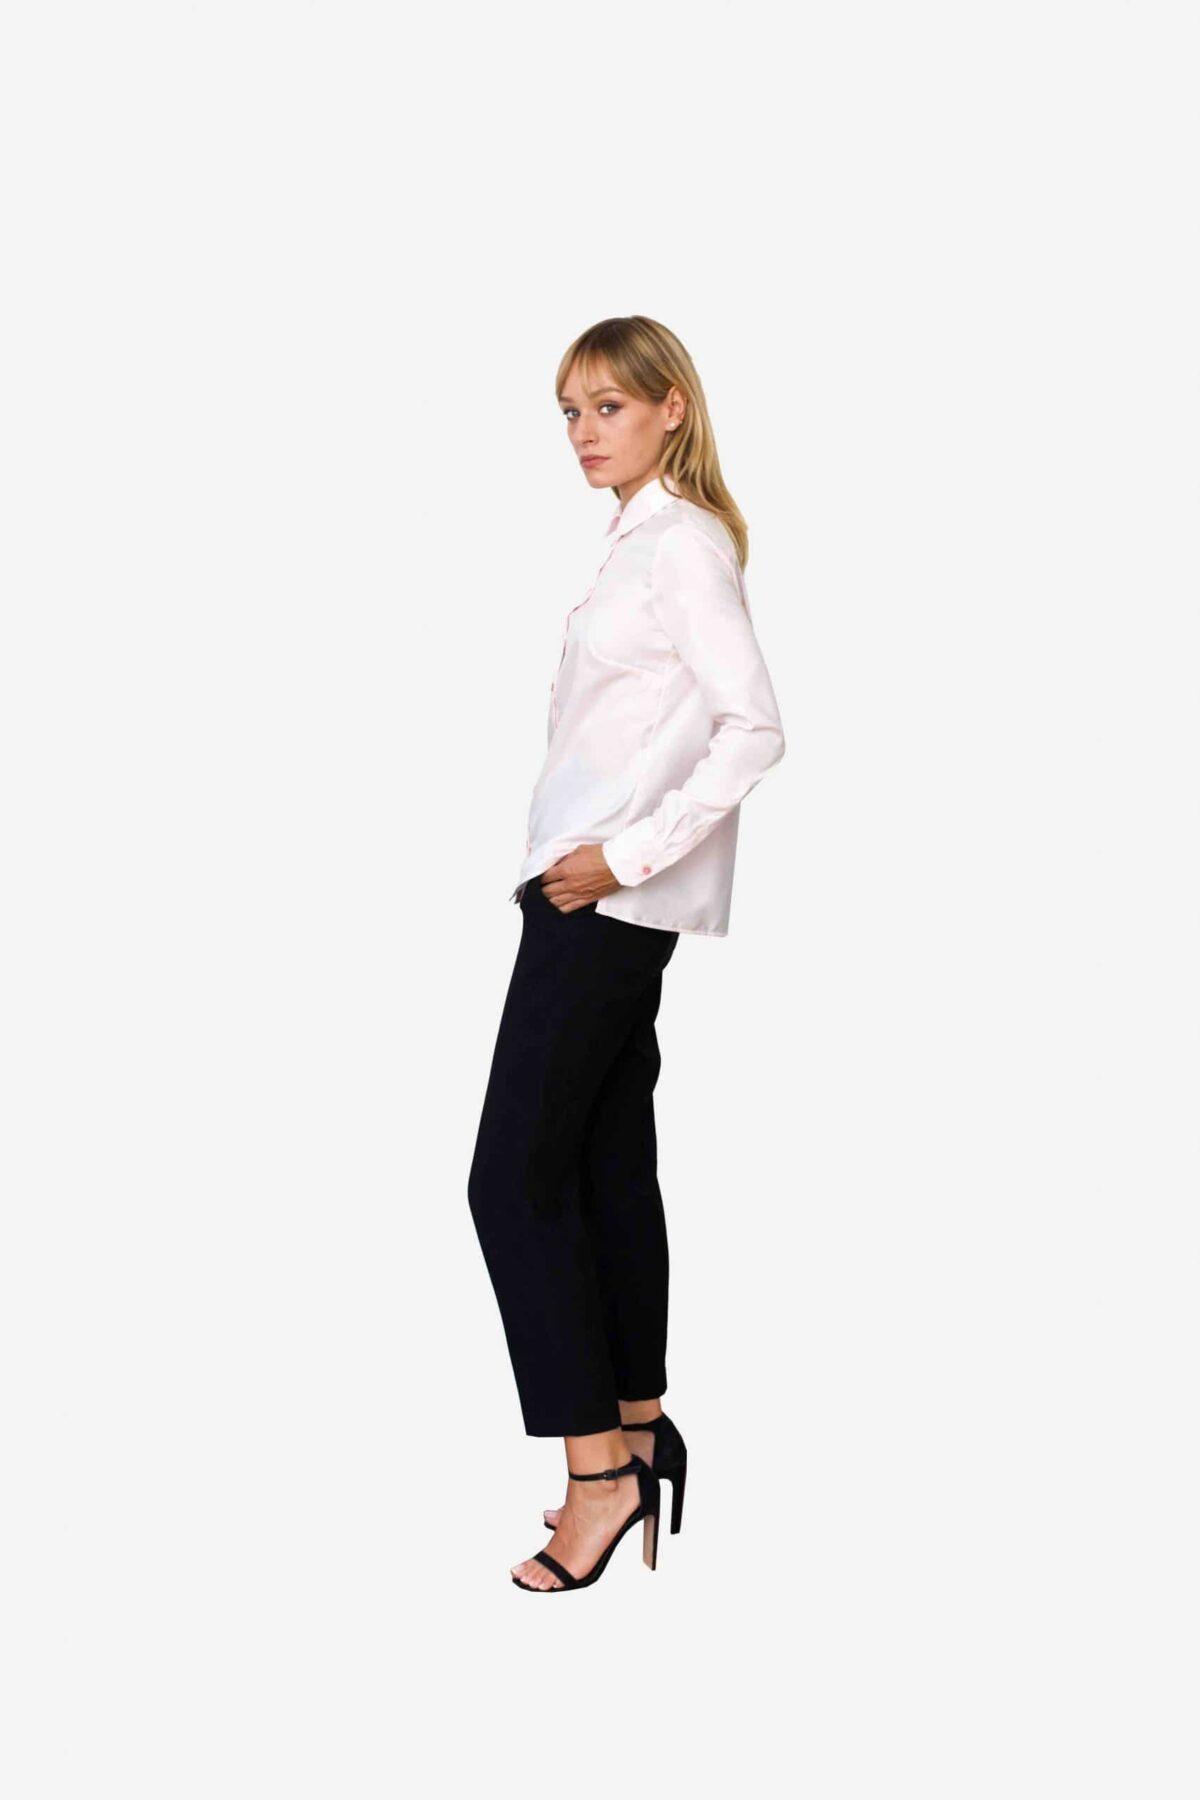 Bluse Valentina von SANOGE. Klassische Business Bluse in rosa mit Bubikragen Clubkragen in Regular Fit (gerader Passform). Knitterfrei, bügelleicht.